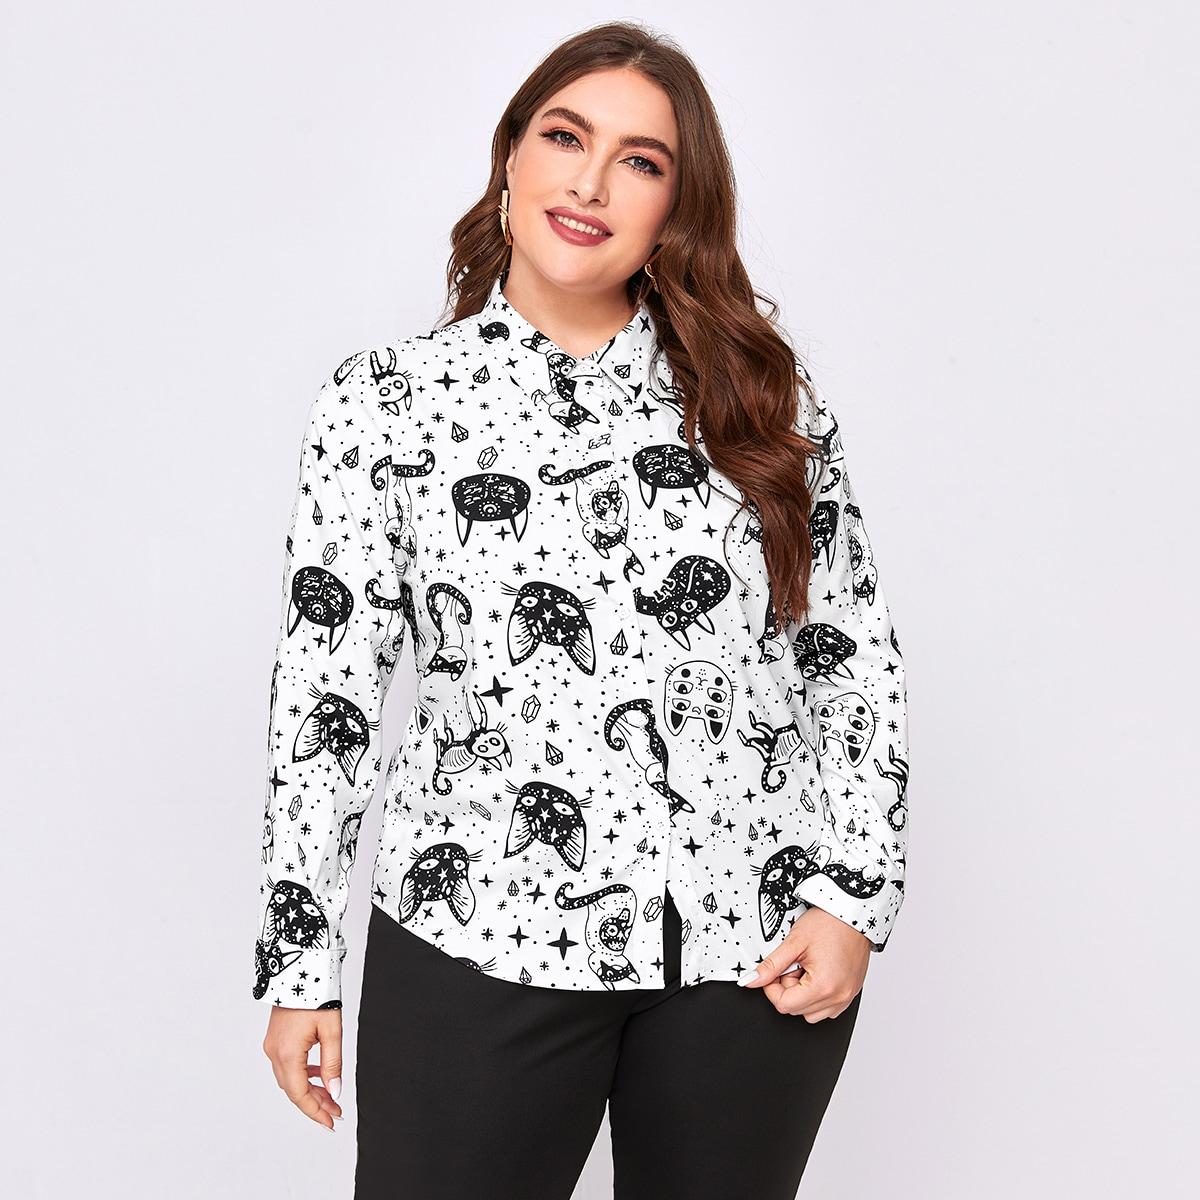 SHEIN / Bluse mit Karikatur Grafik und Knöpfen